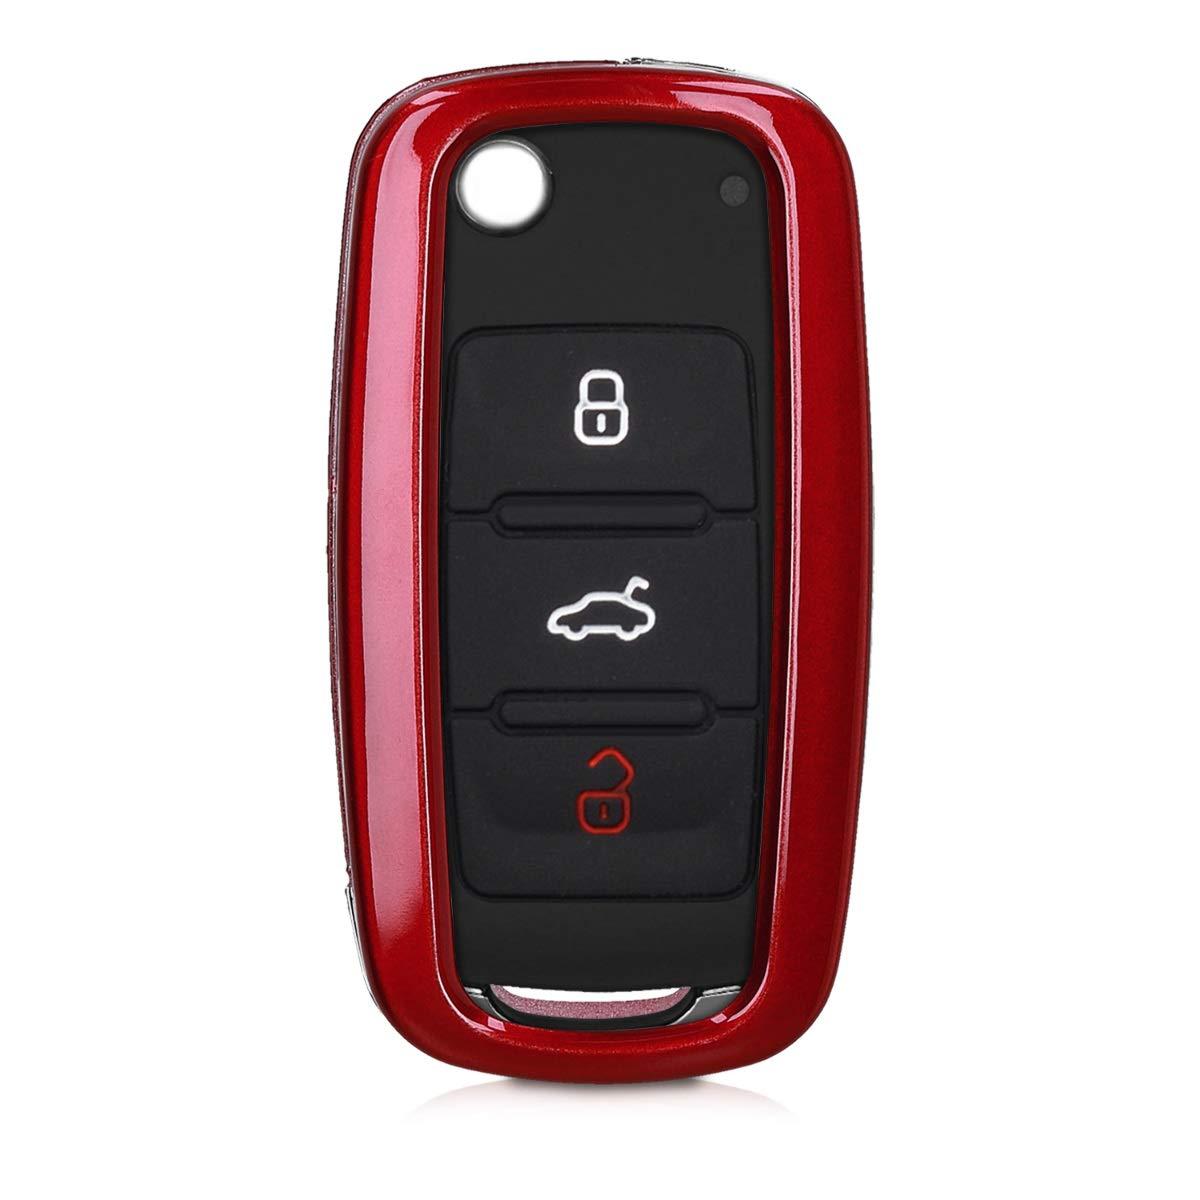 kwmobile Funda para Llave de Coche VW Skoda Seat Dura Carcasa Protectora para Mando de Llave de 3 Botones para Coche VW Skoda Seat en Rojo Brillante